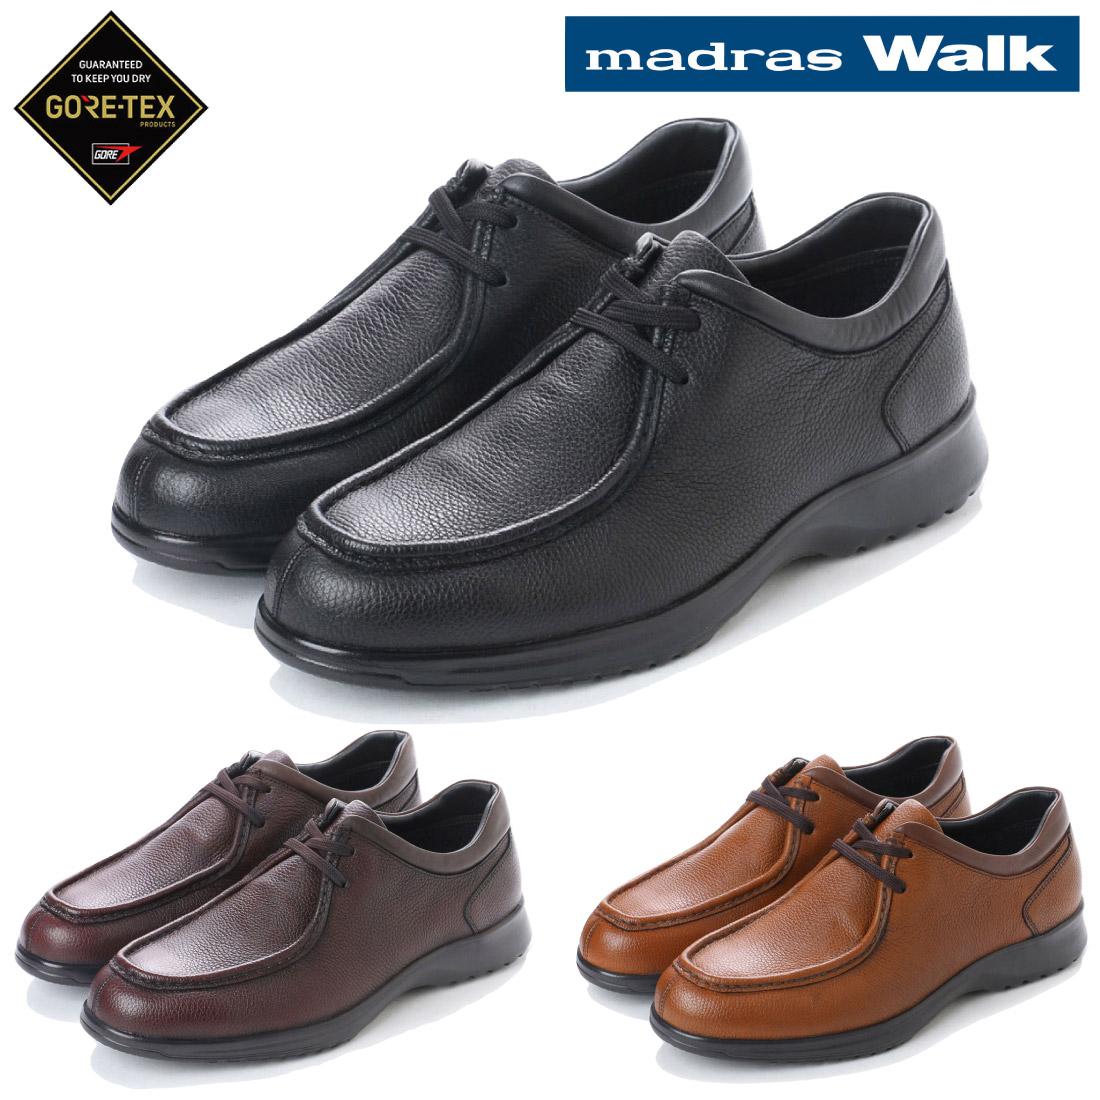 madras Walk マドラス ウォーキング カジュアル シューズ ゴアテックス MW8011 防水 【nesh】 【新品】